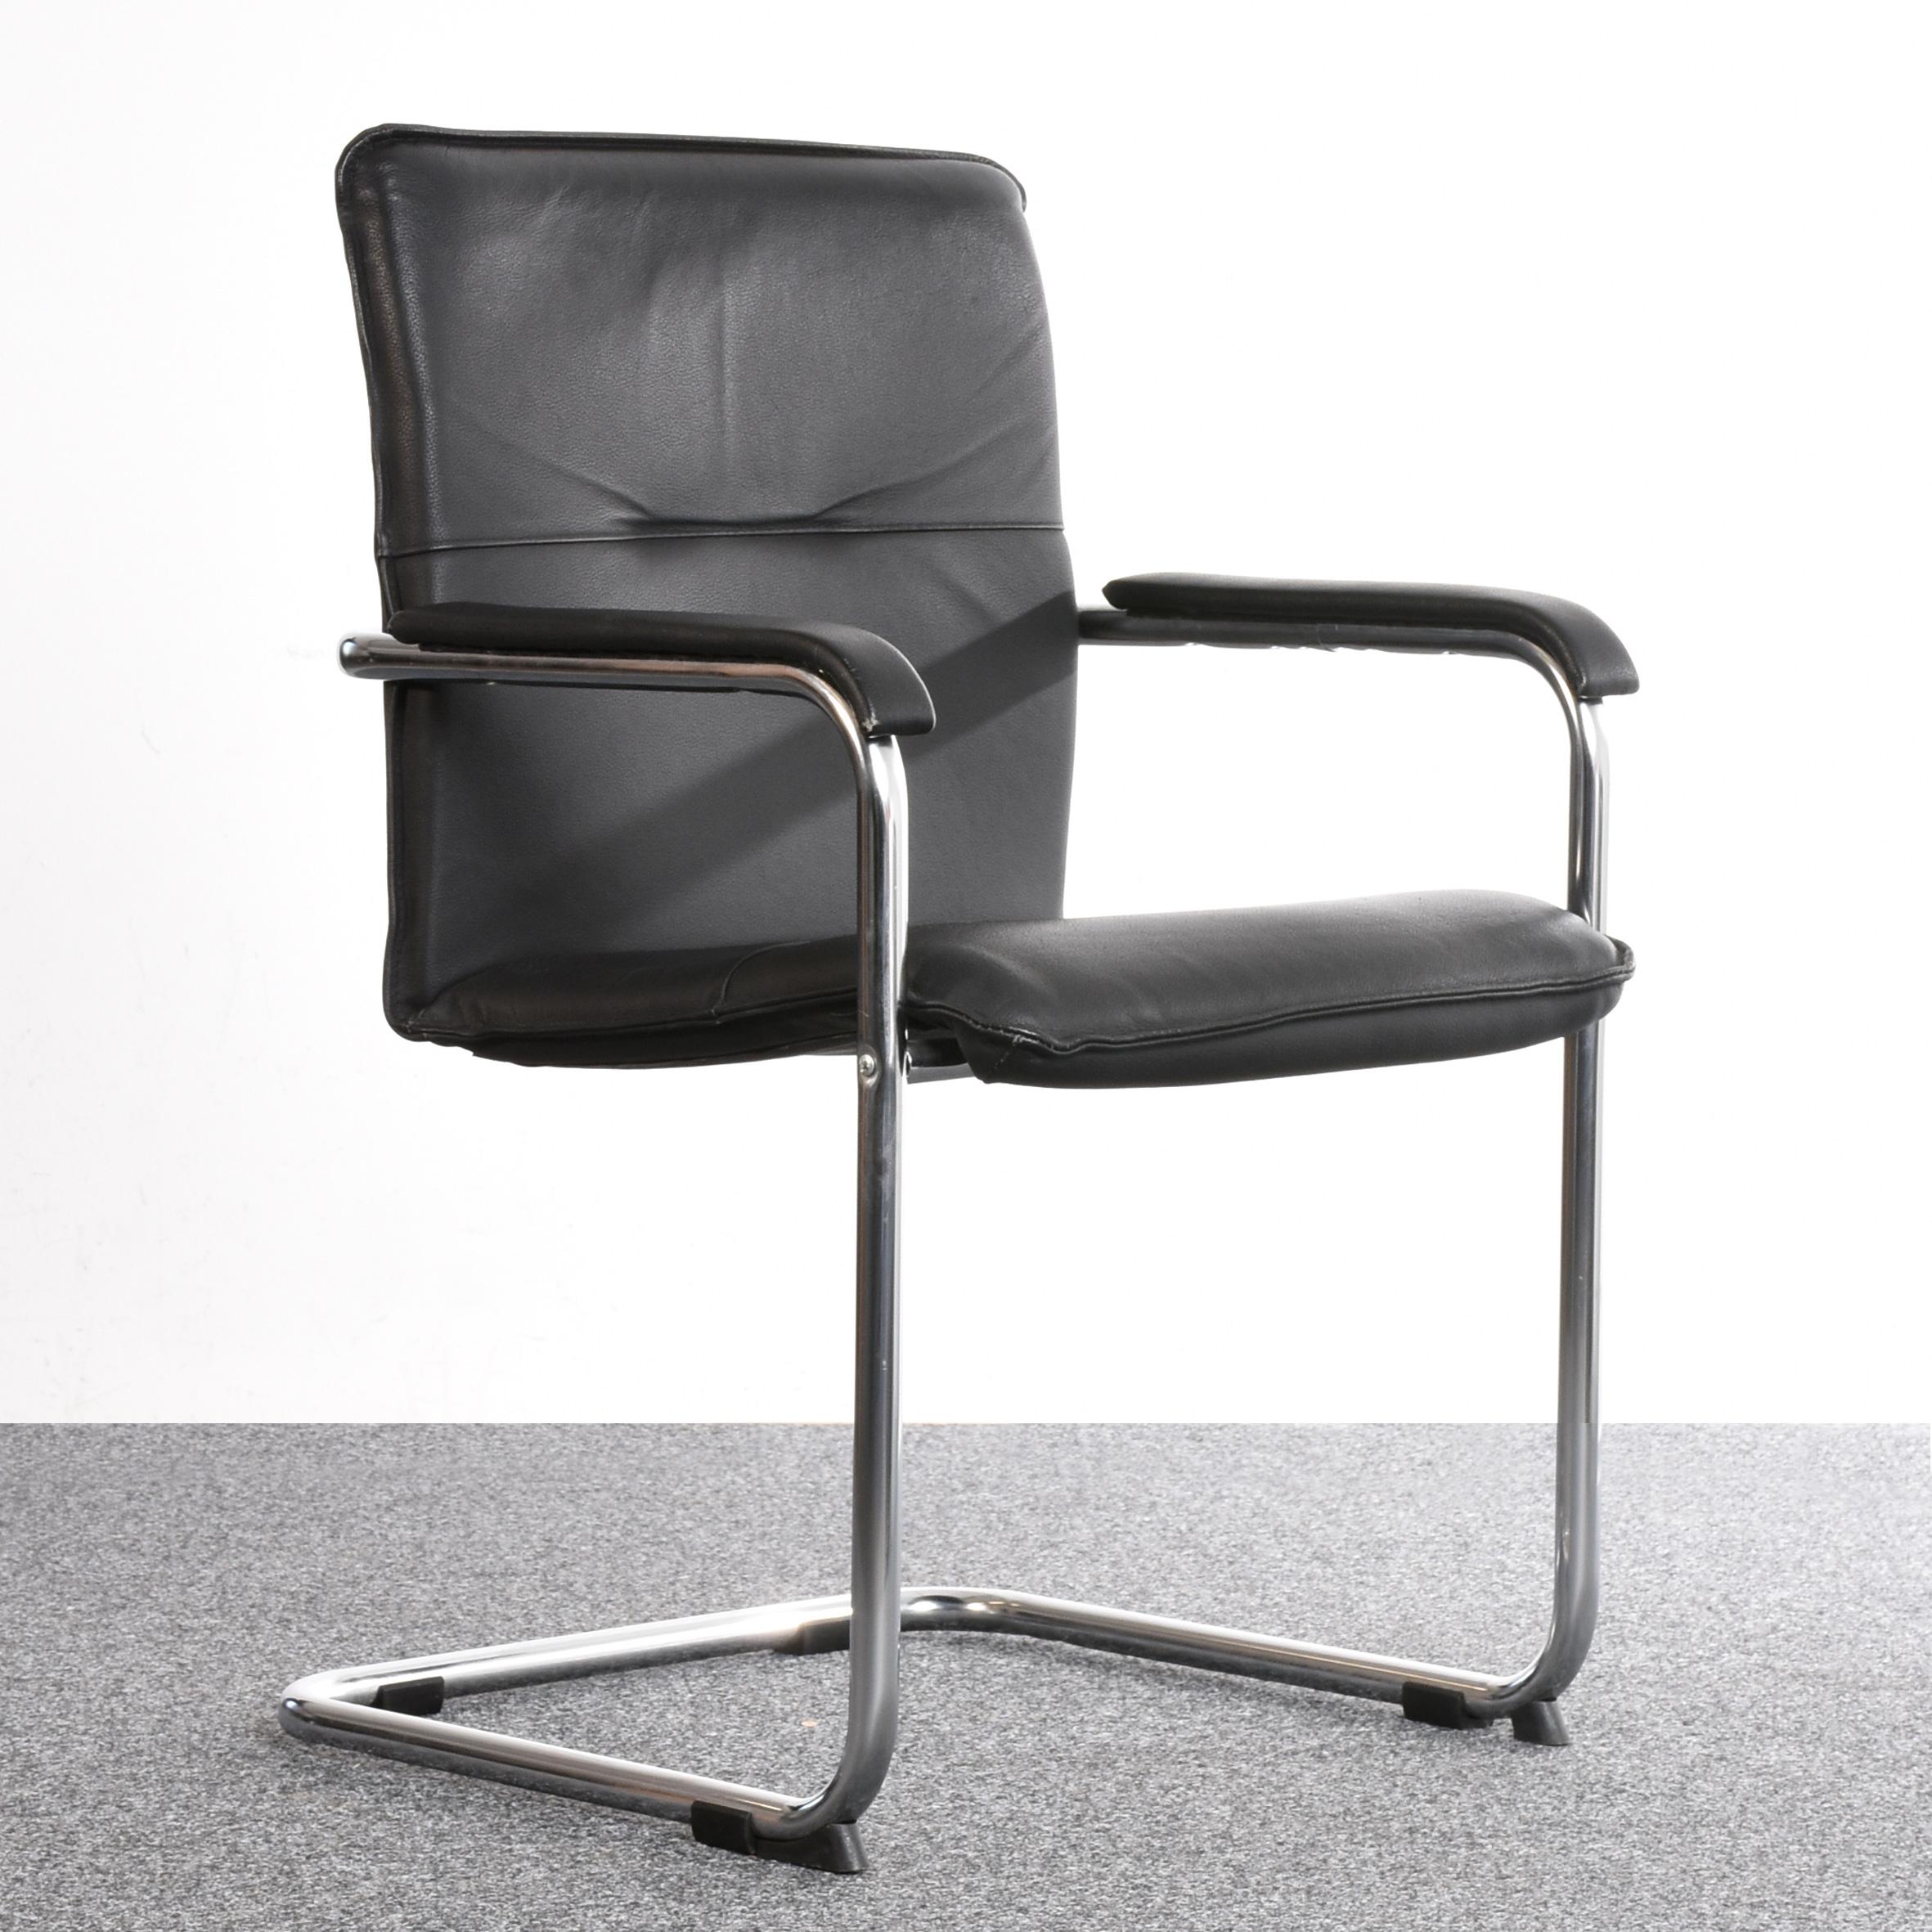 freischwinger leder schwarz chrom gebraucht gebraucht gut g nstig. Black Bedroom Furniture Sets. Home Design Ideas